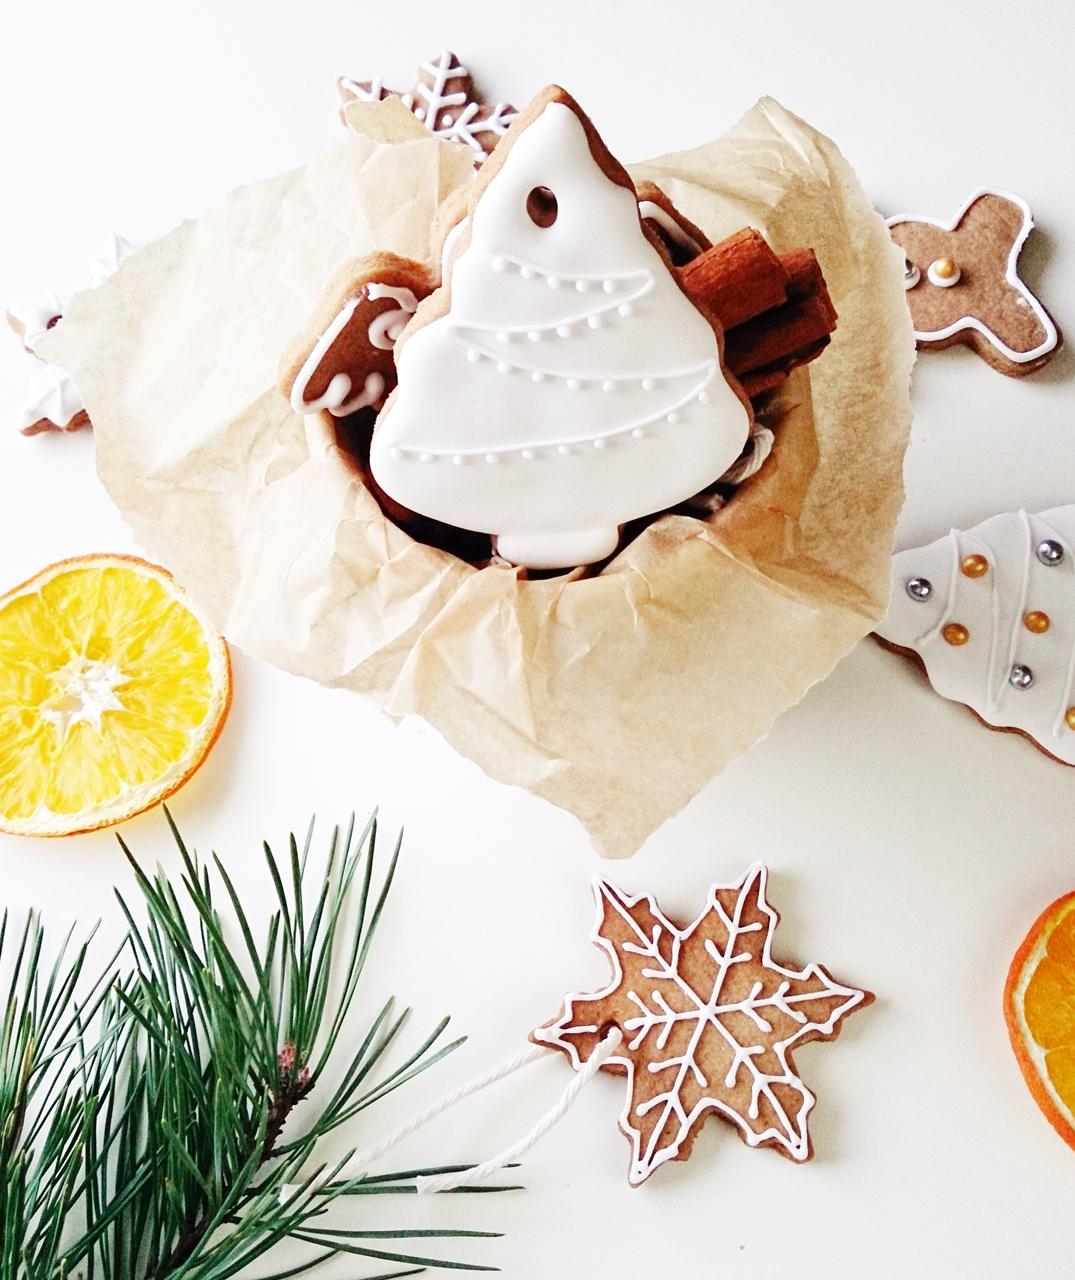 ciastka_pierniki_lukrowanie ciastek